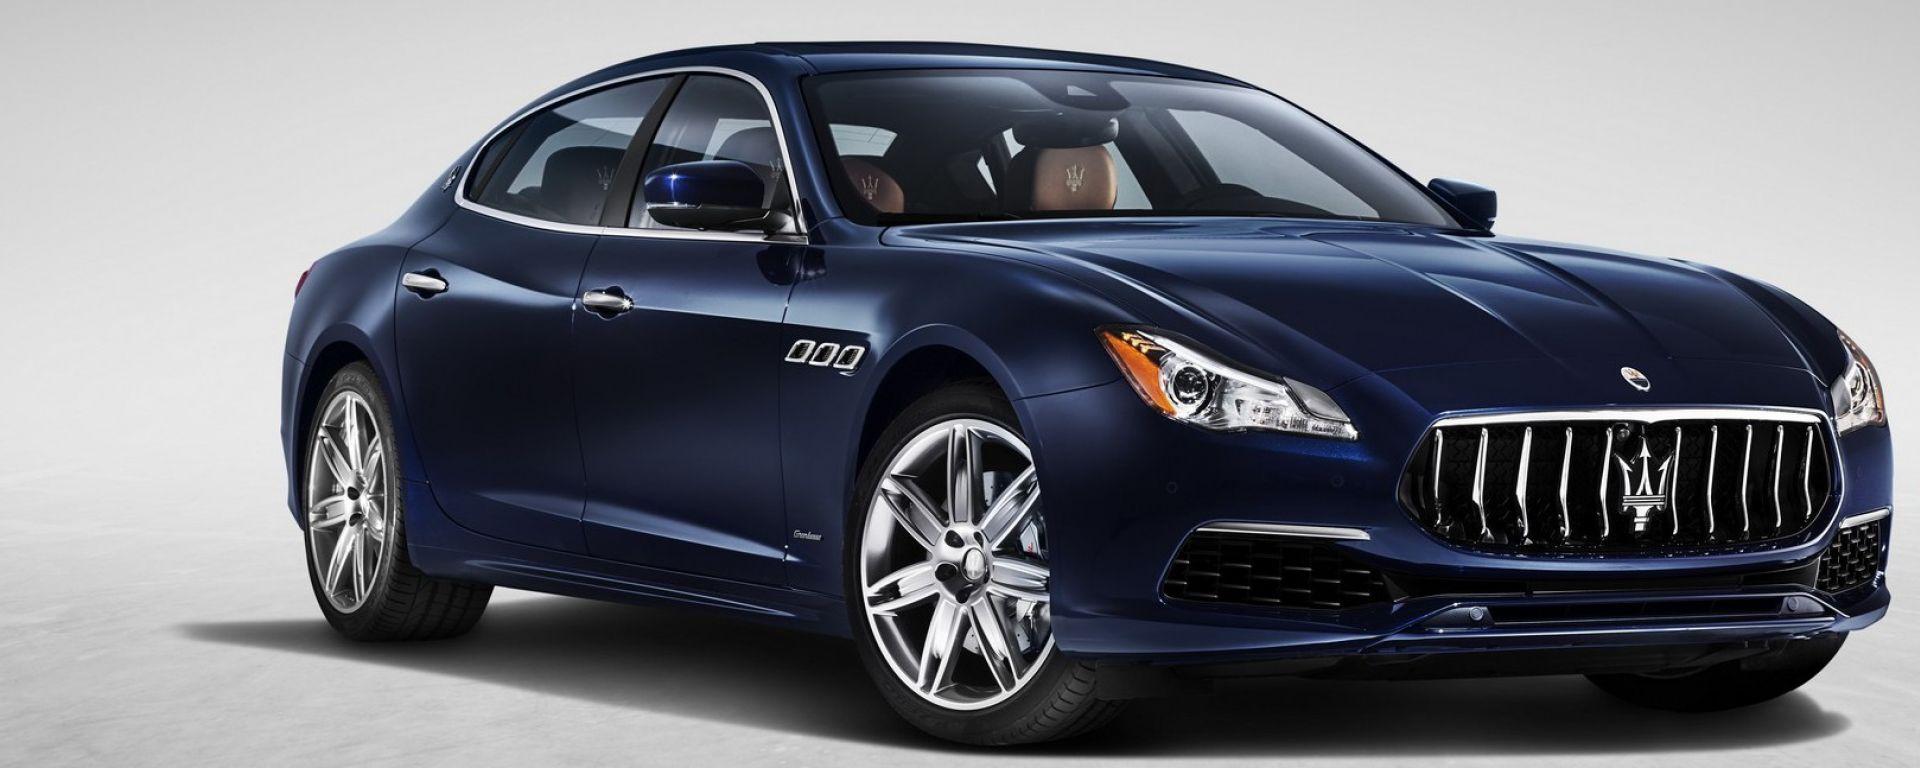 Maserati Quattroporte restyling: con la nuova calandra somiglia alla Levante